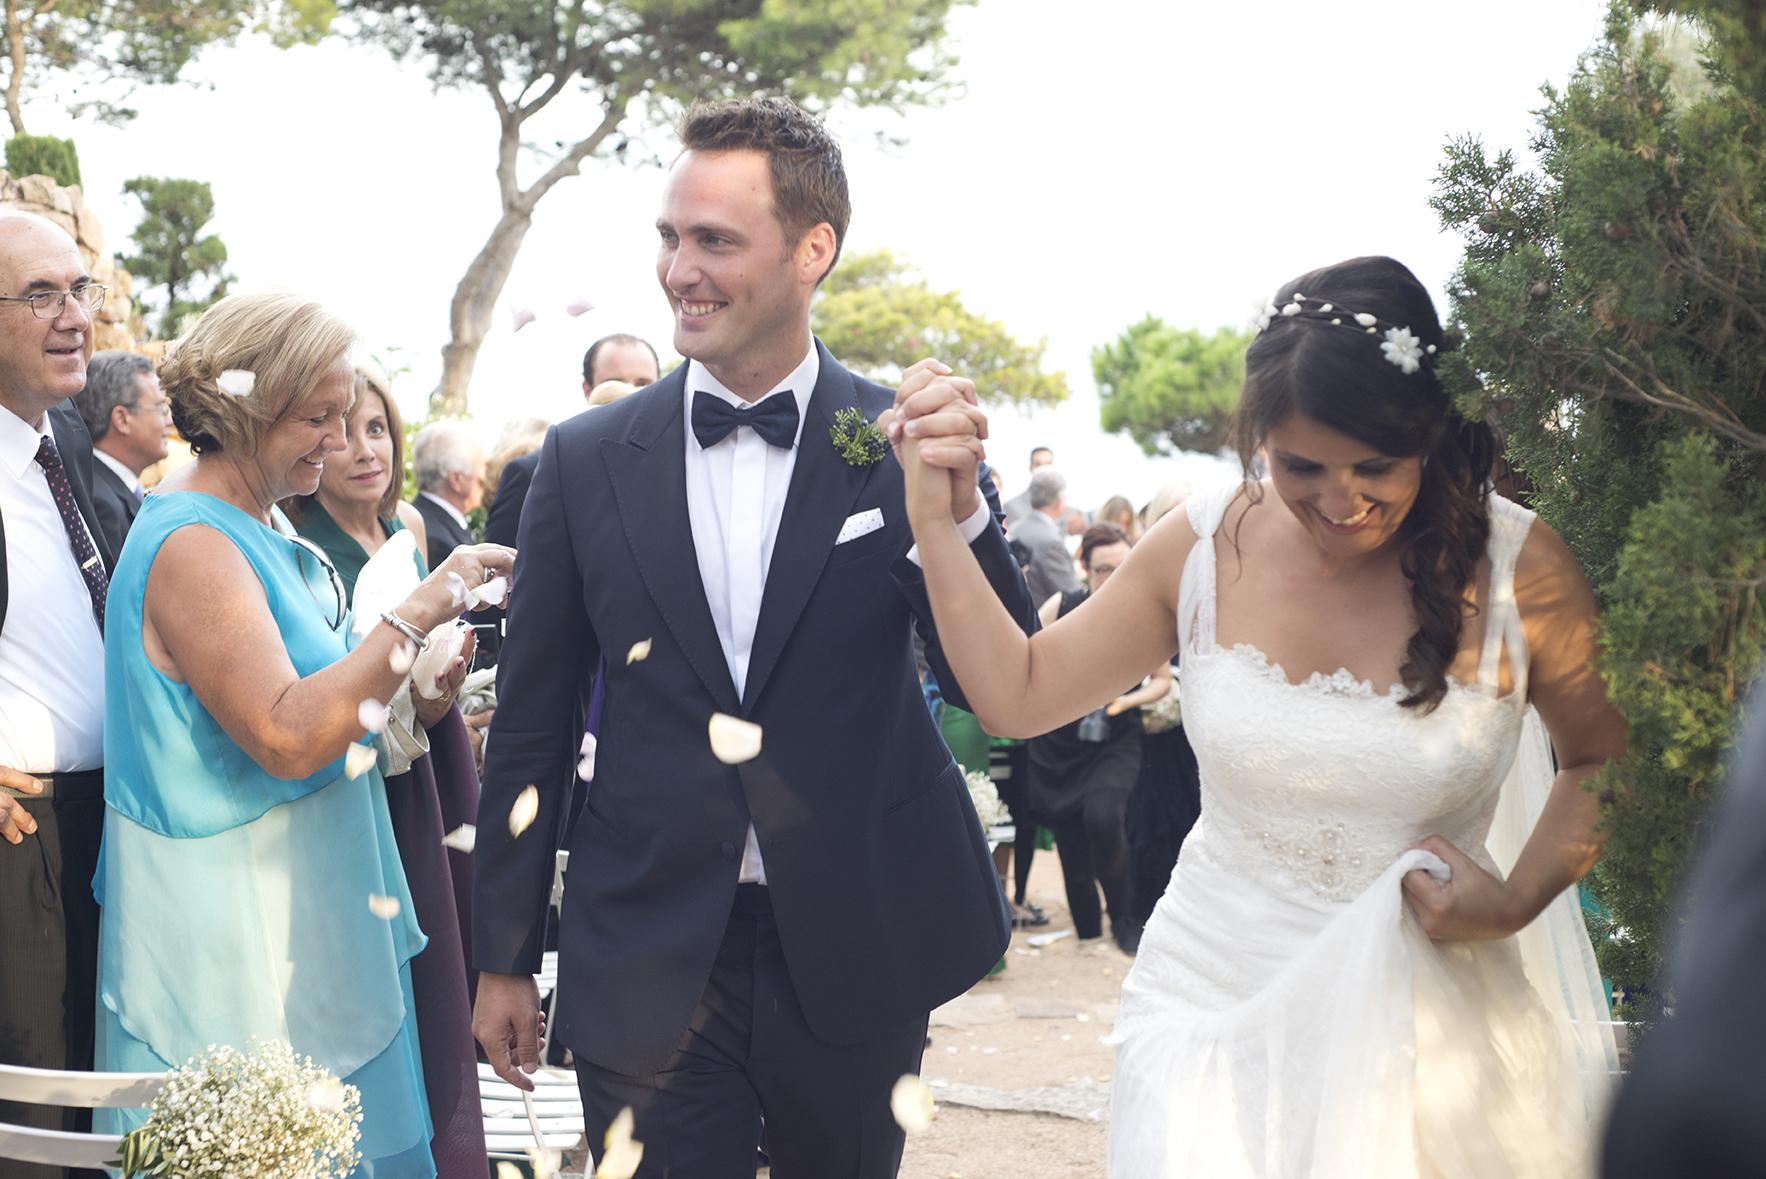 presumedeboda-wedding-planners-madrid-barcelona-boda-americana-castillo-blanes-19